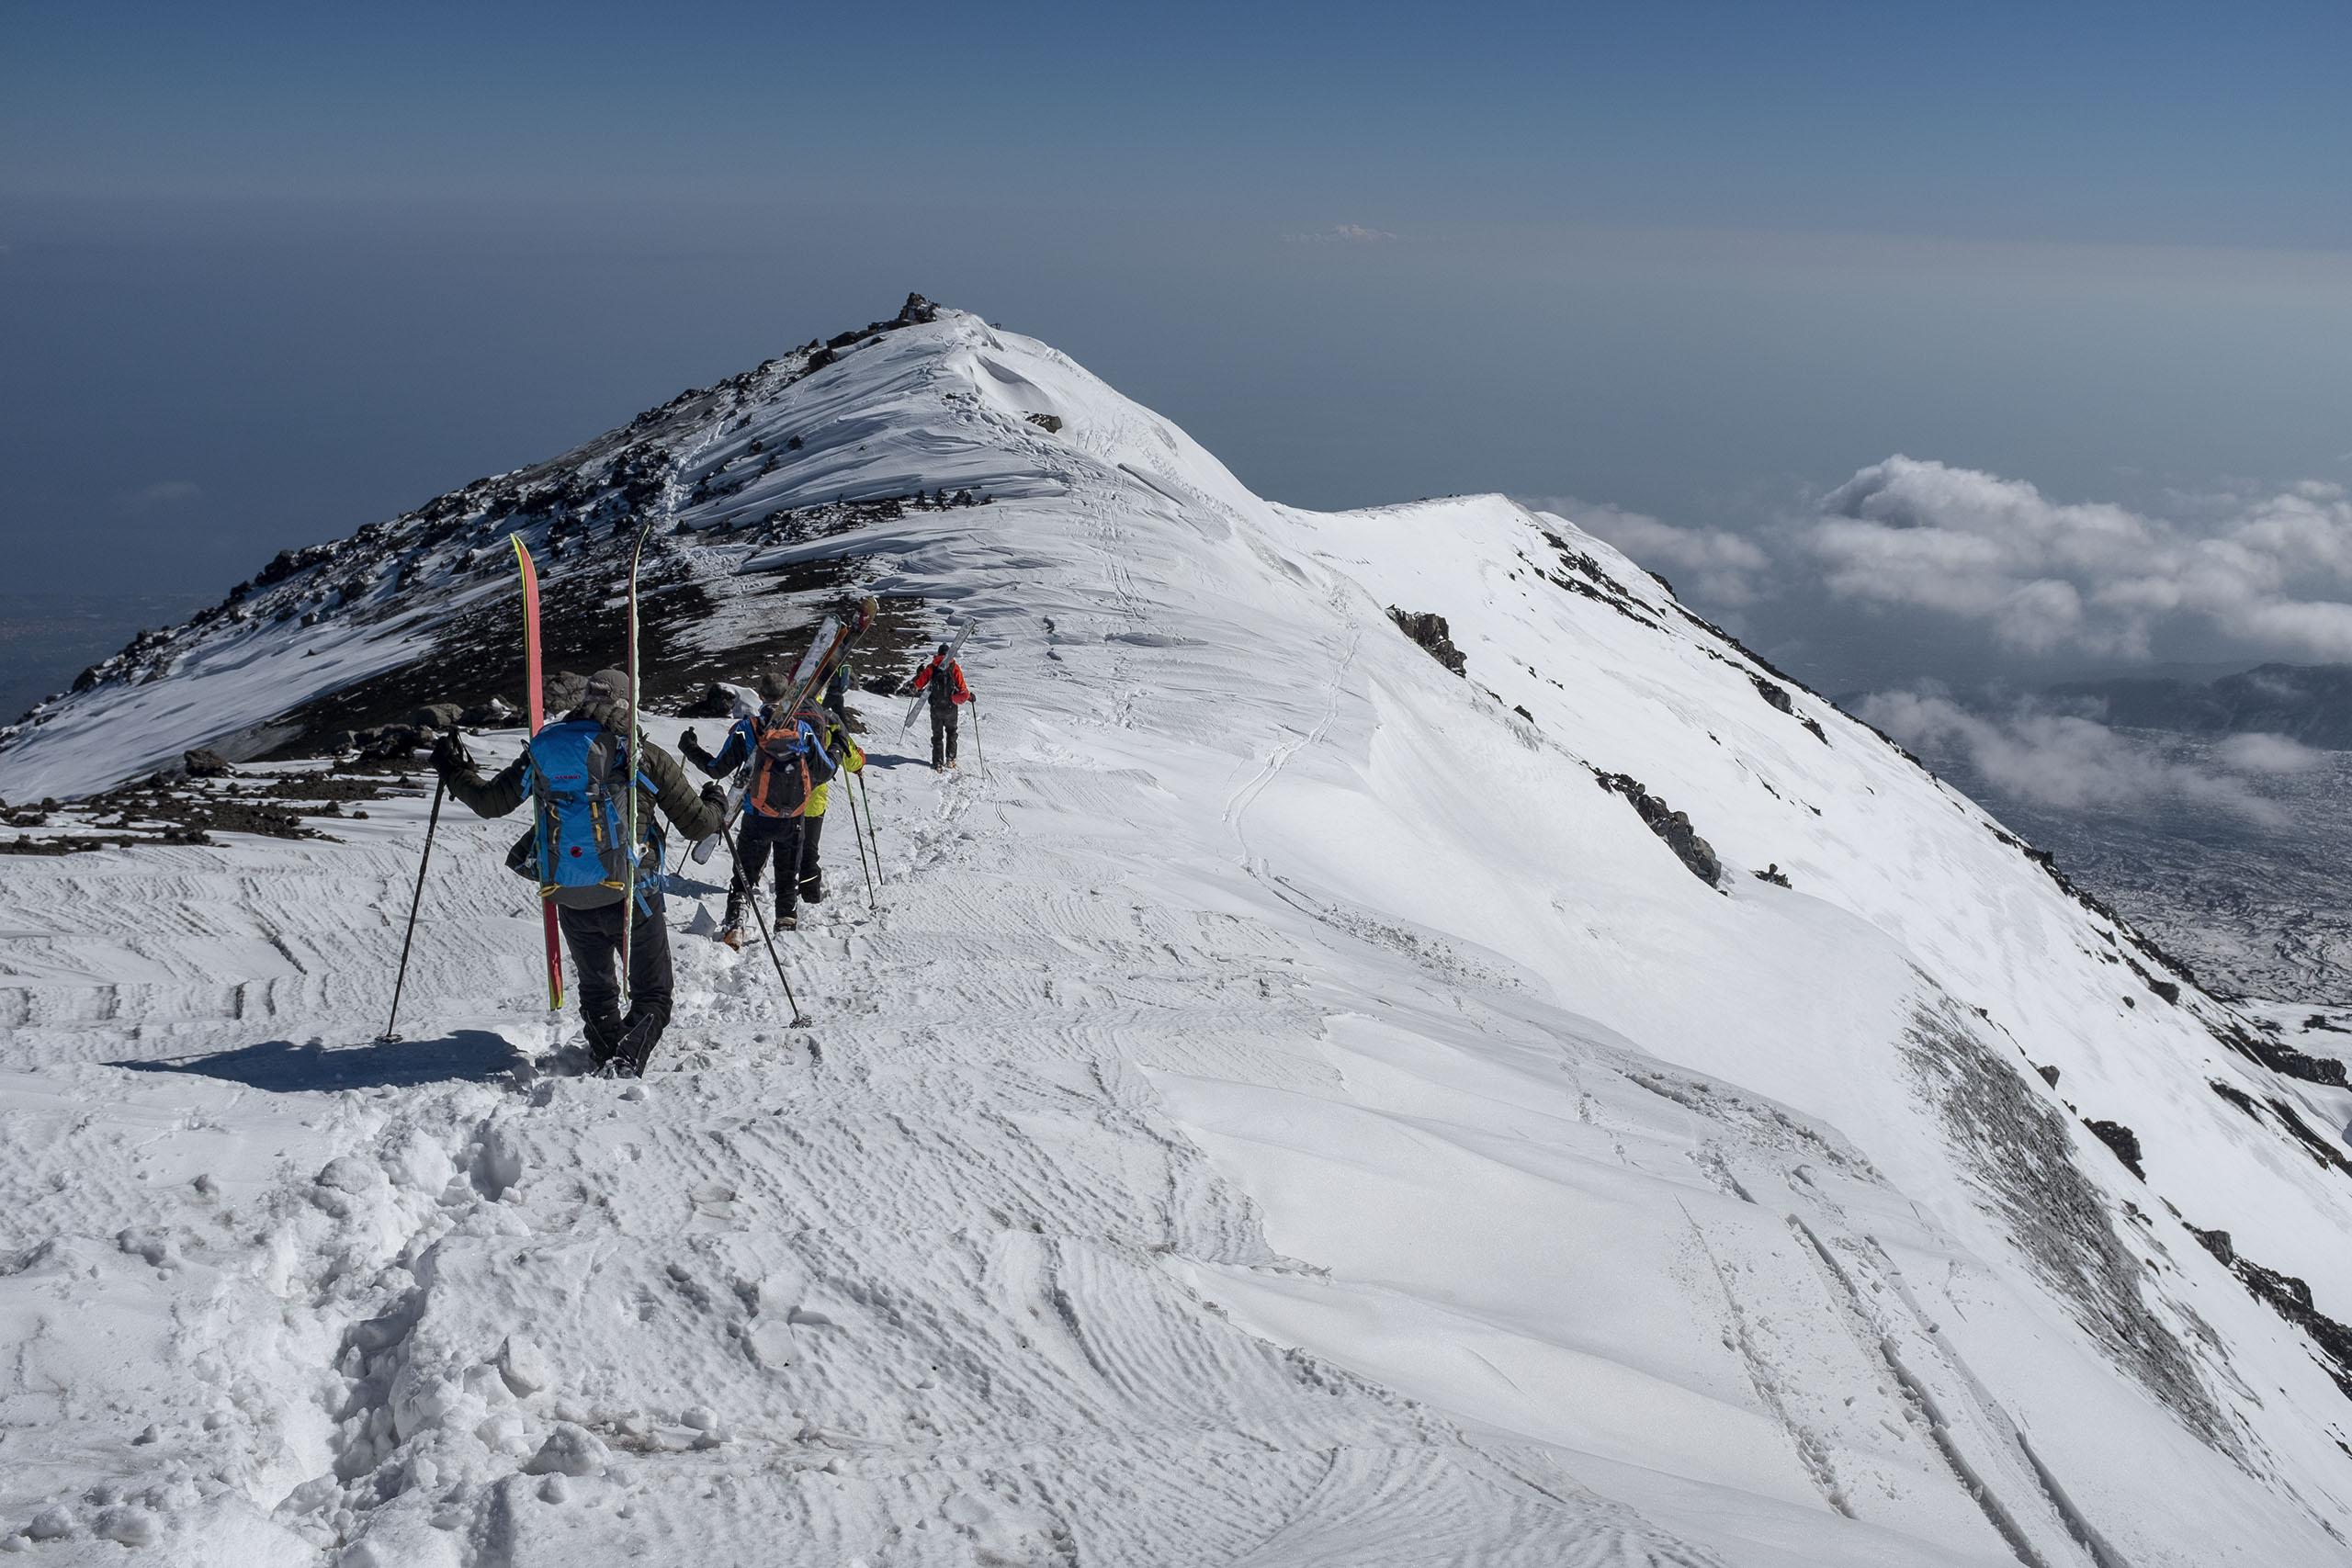 Scialpinismo sull'Etna: la cresta per raggiungere il canal